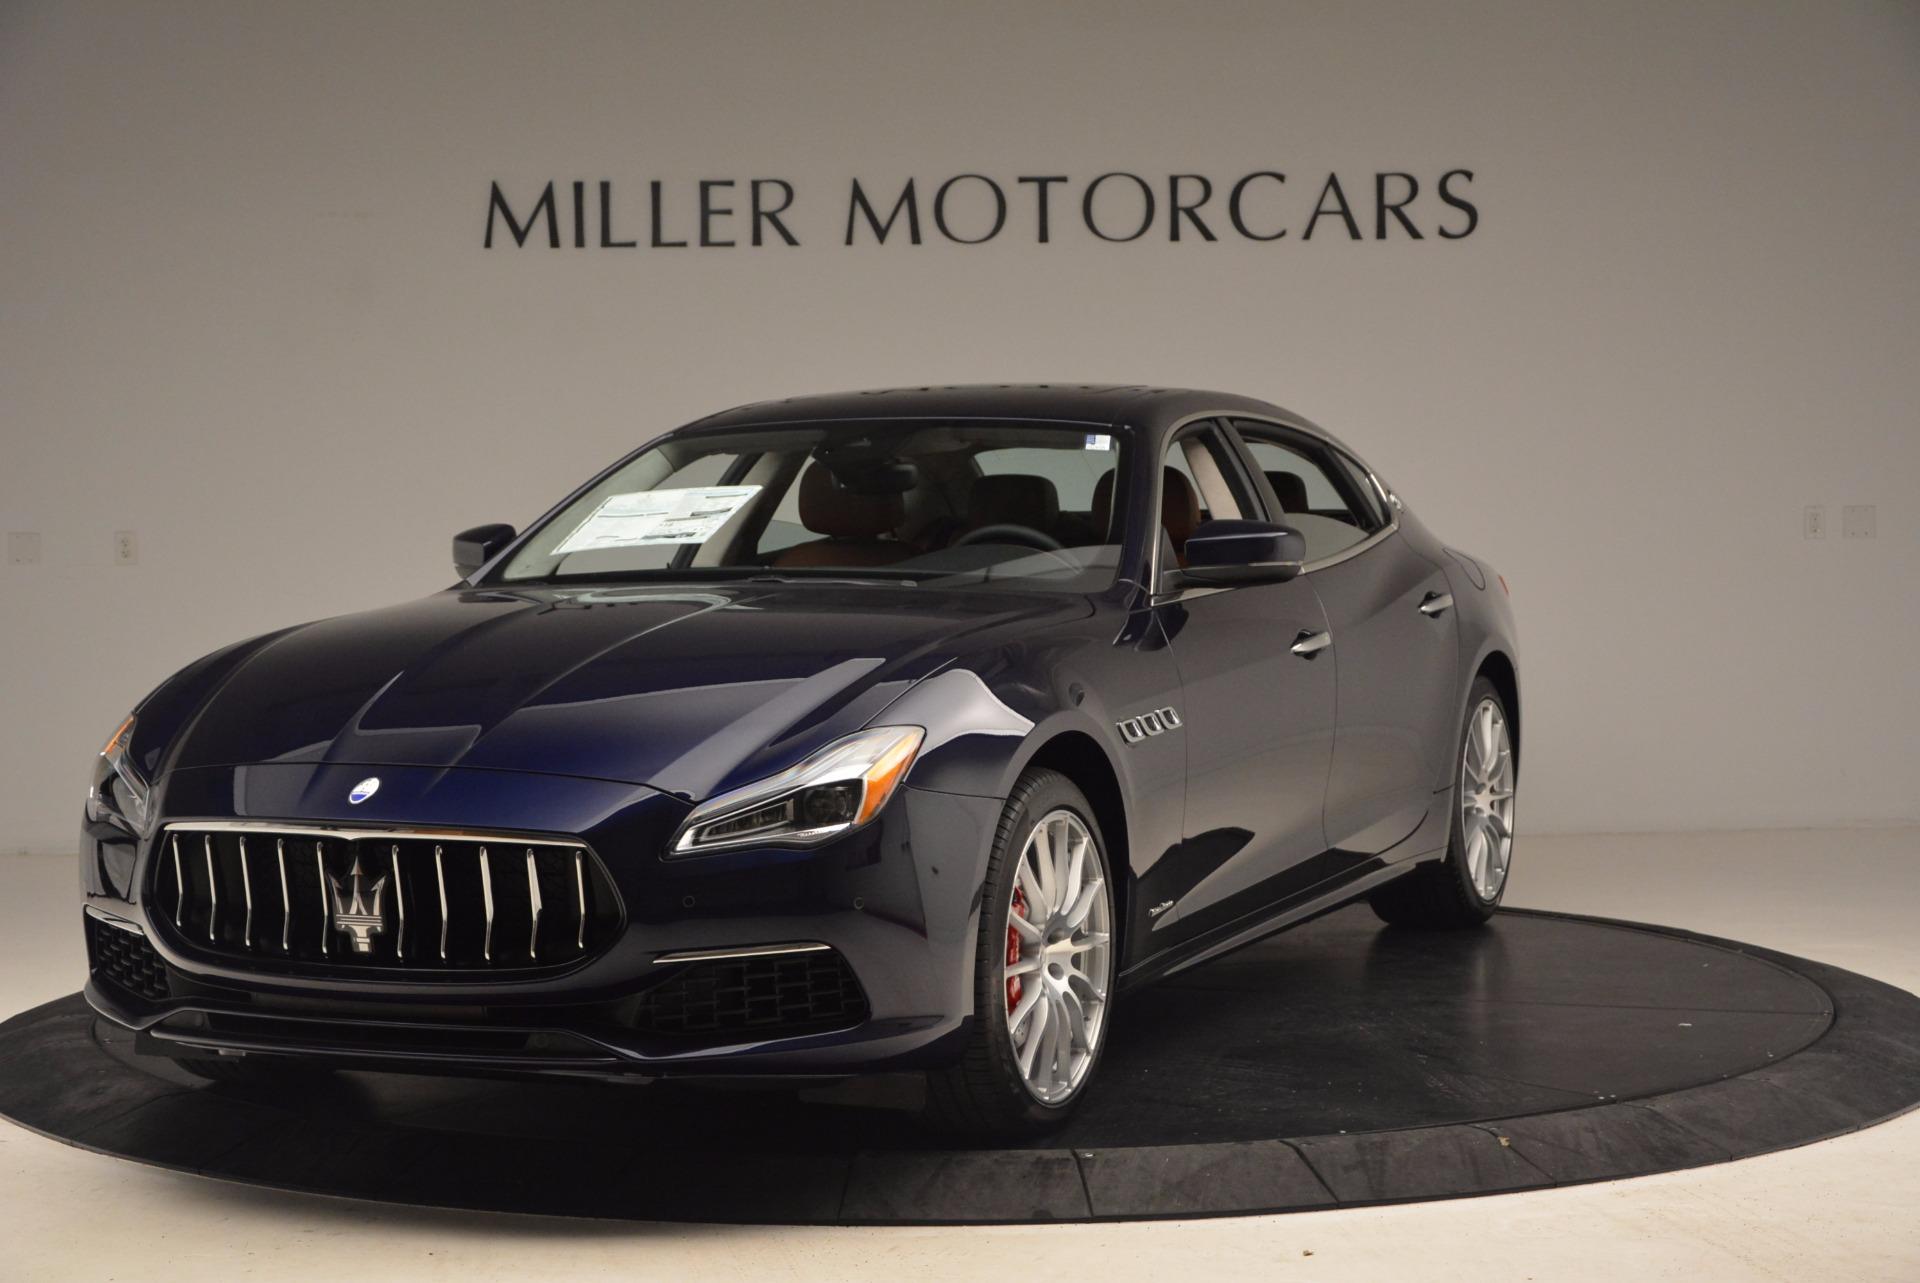 Used 2018 Maserati Quattroporte S Q4 GranLusso For Sale In Greenwich, CT 1572_main